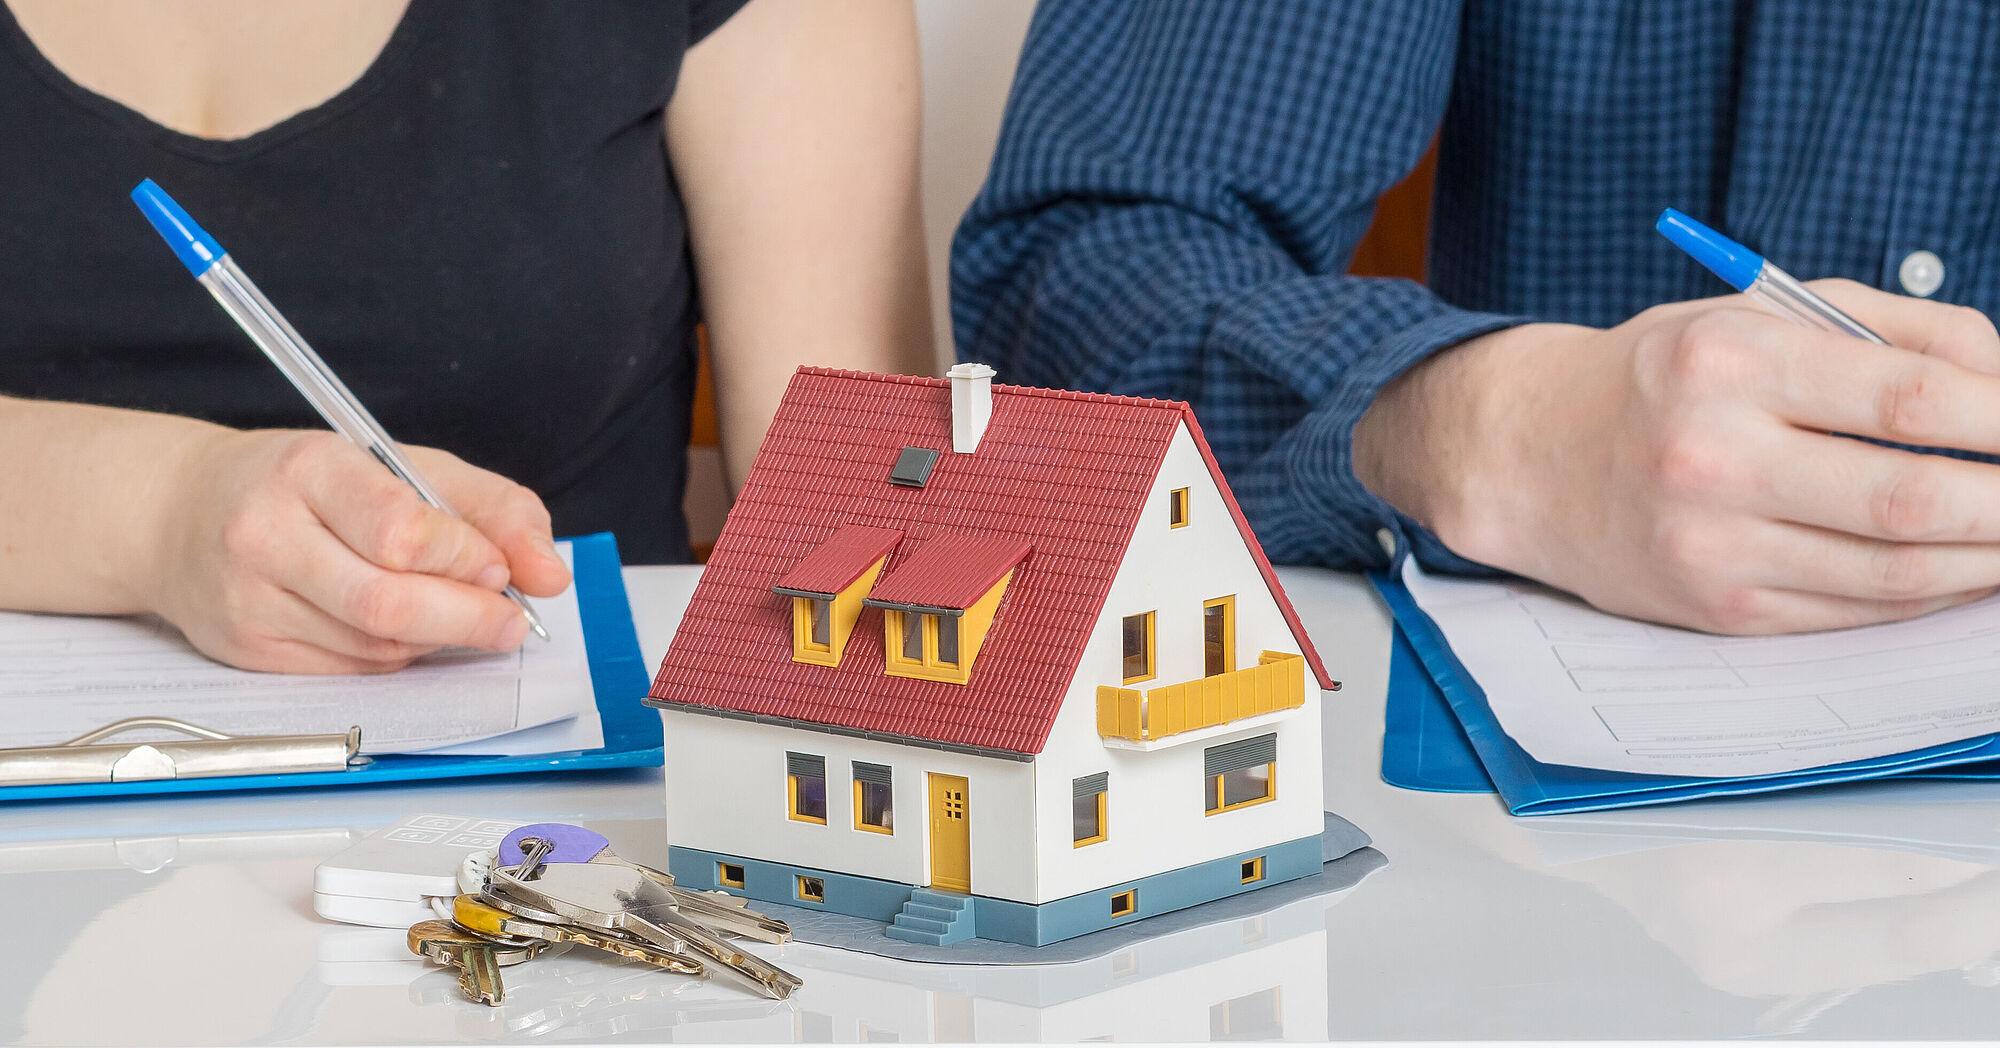 Alternativen schuldhaftentlassung Übernahme Hausanteil